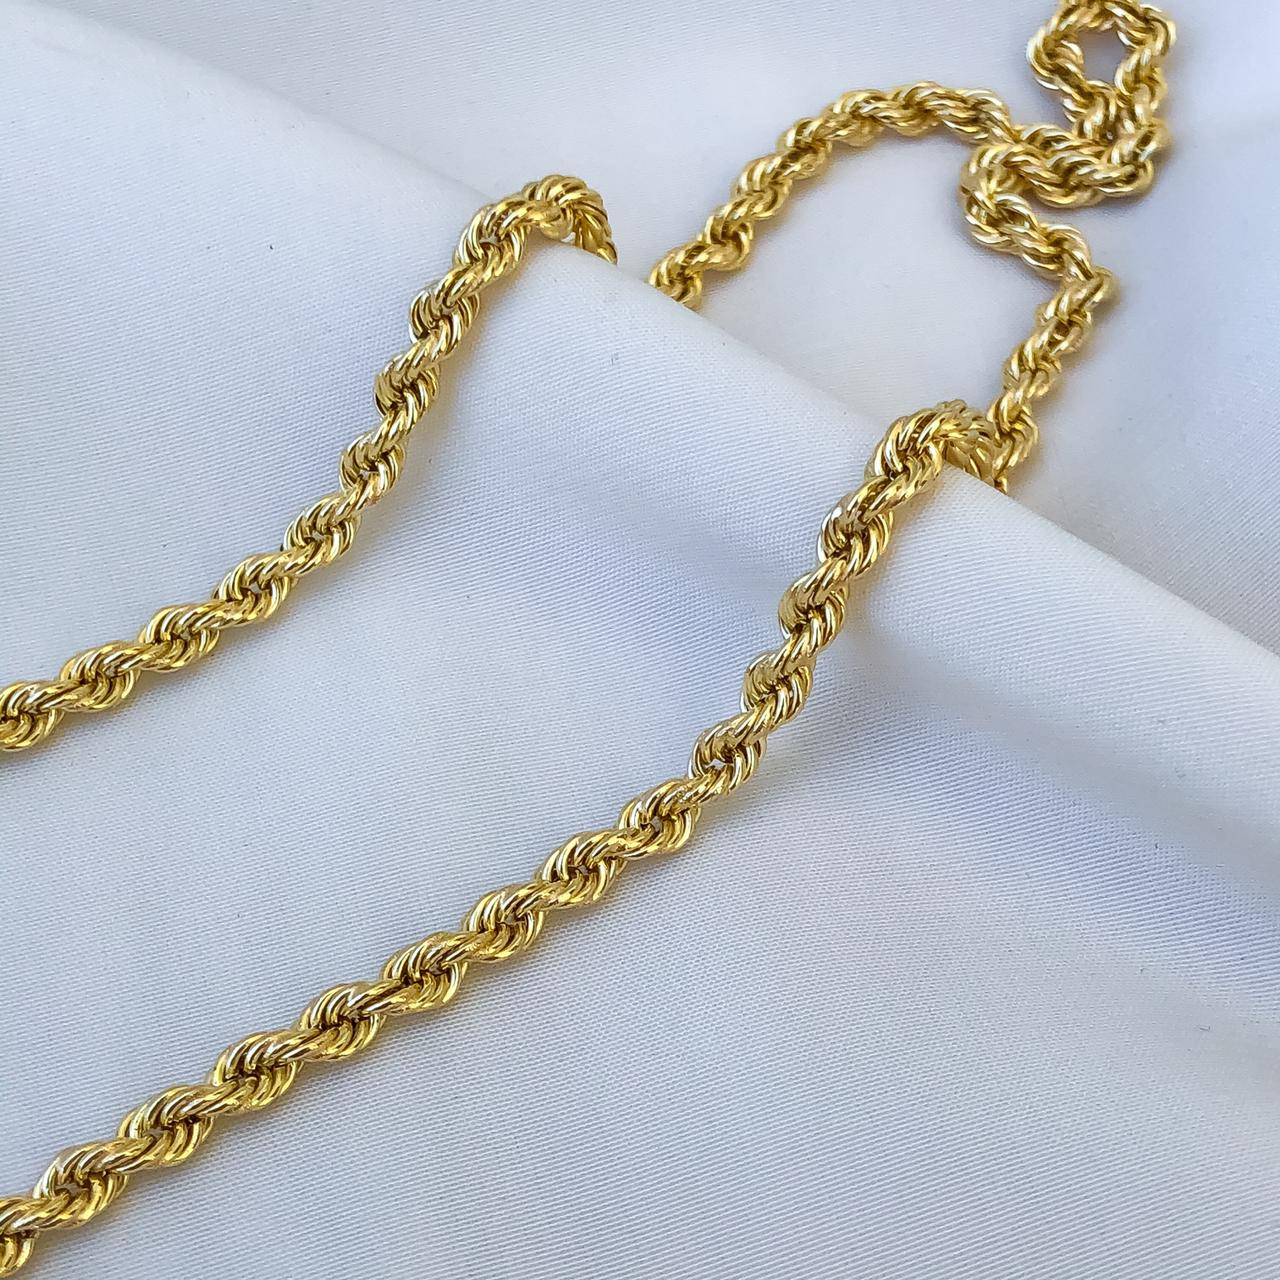 Corrente Cordão Baiano em Ouro 18K 45cm